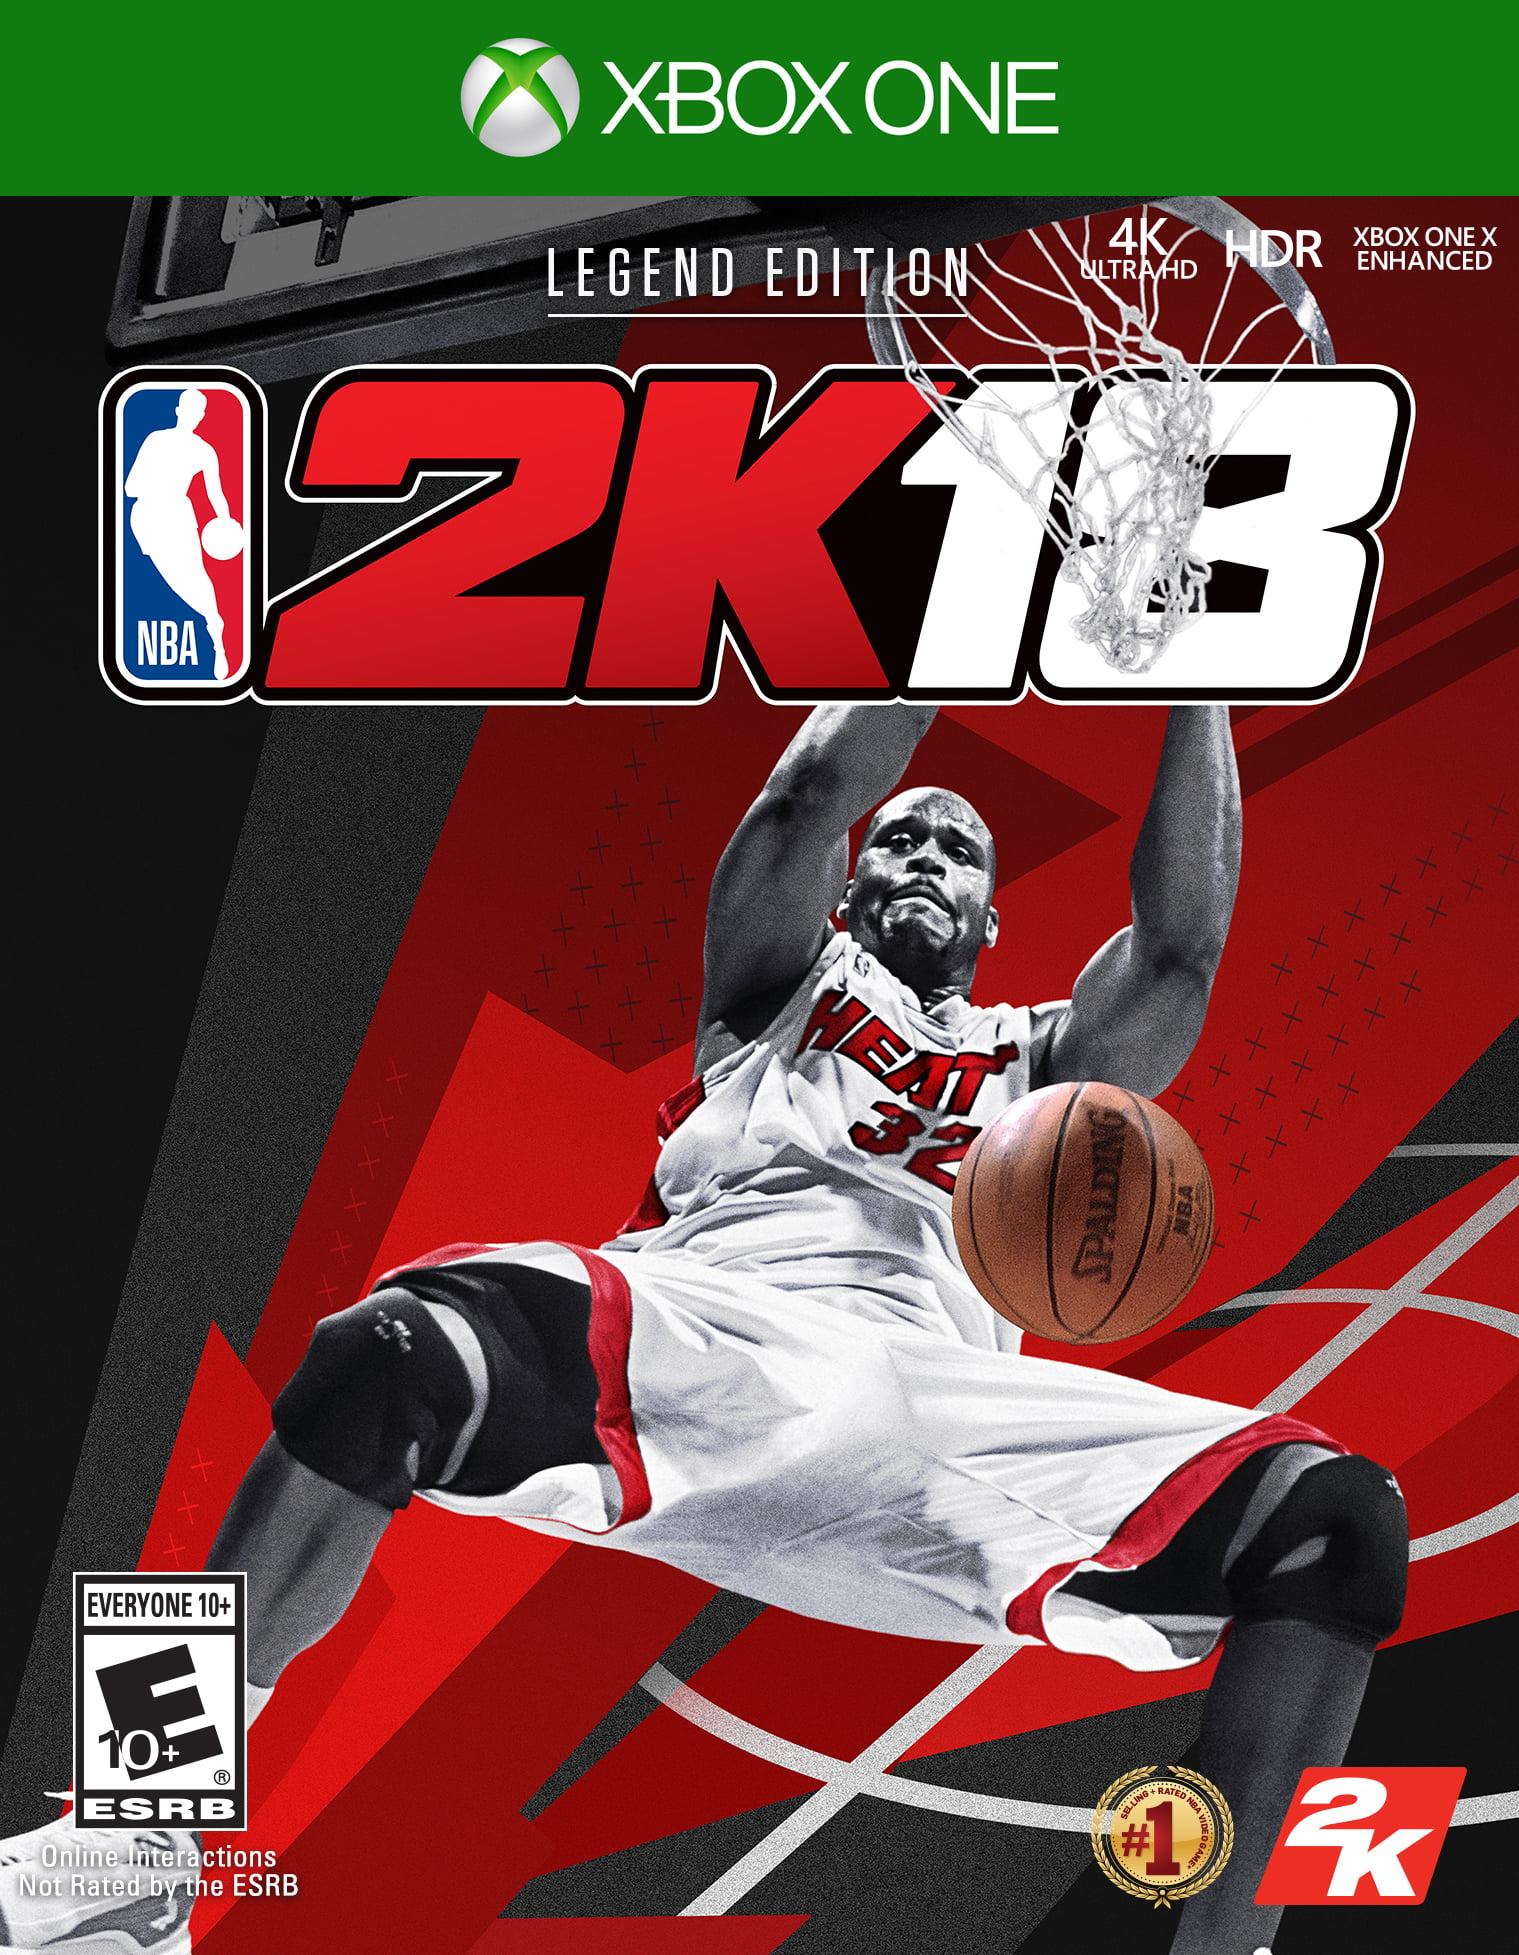 NBA 2K18 Legend Edition, 2K, Xbox One, 710425499135 by 2K